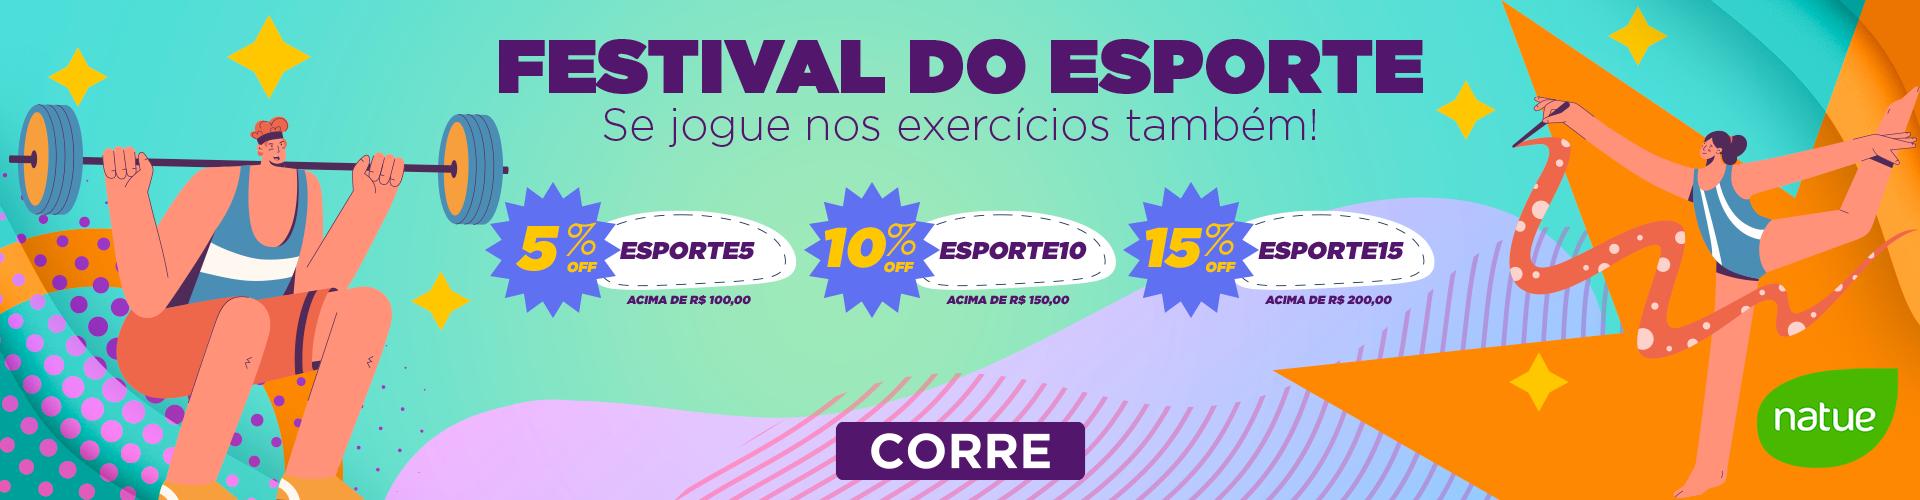 #festival-do-esporte